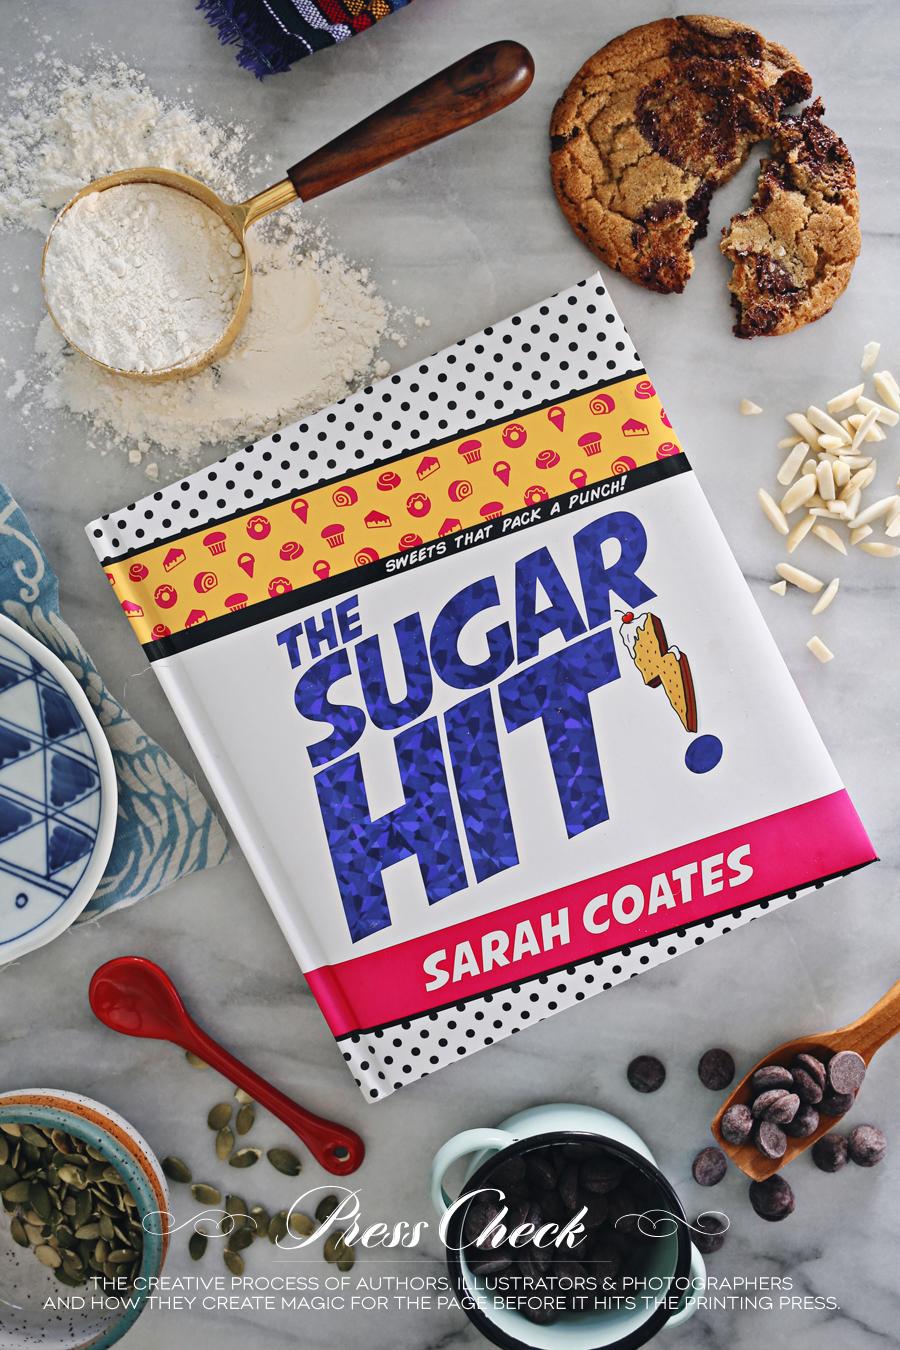 Press Check | The Sugar Hit | Dine X Design